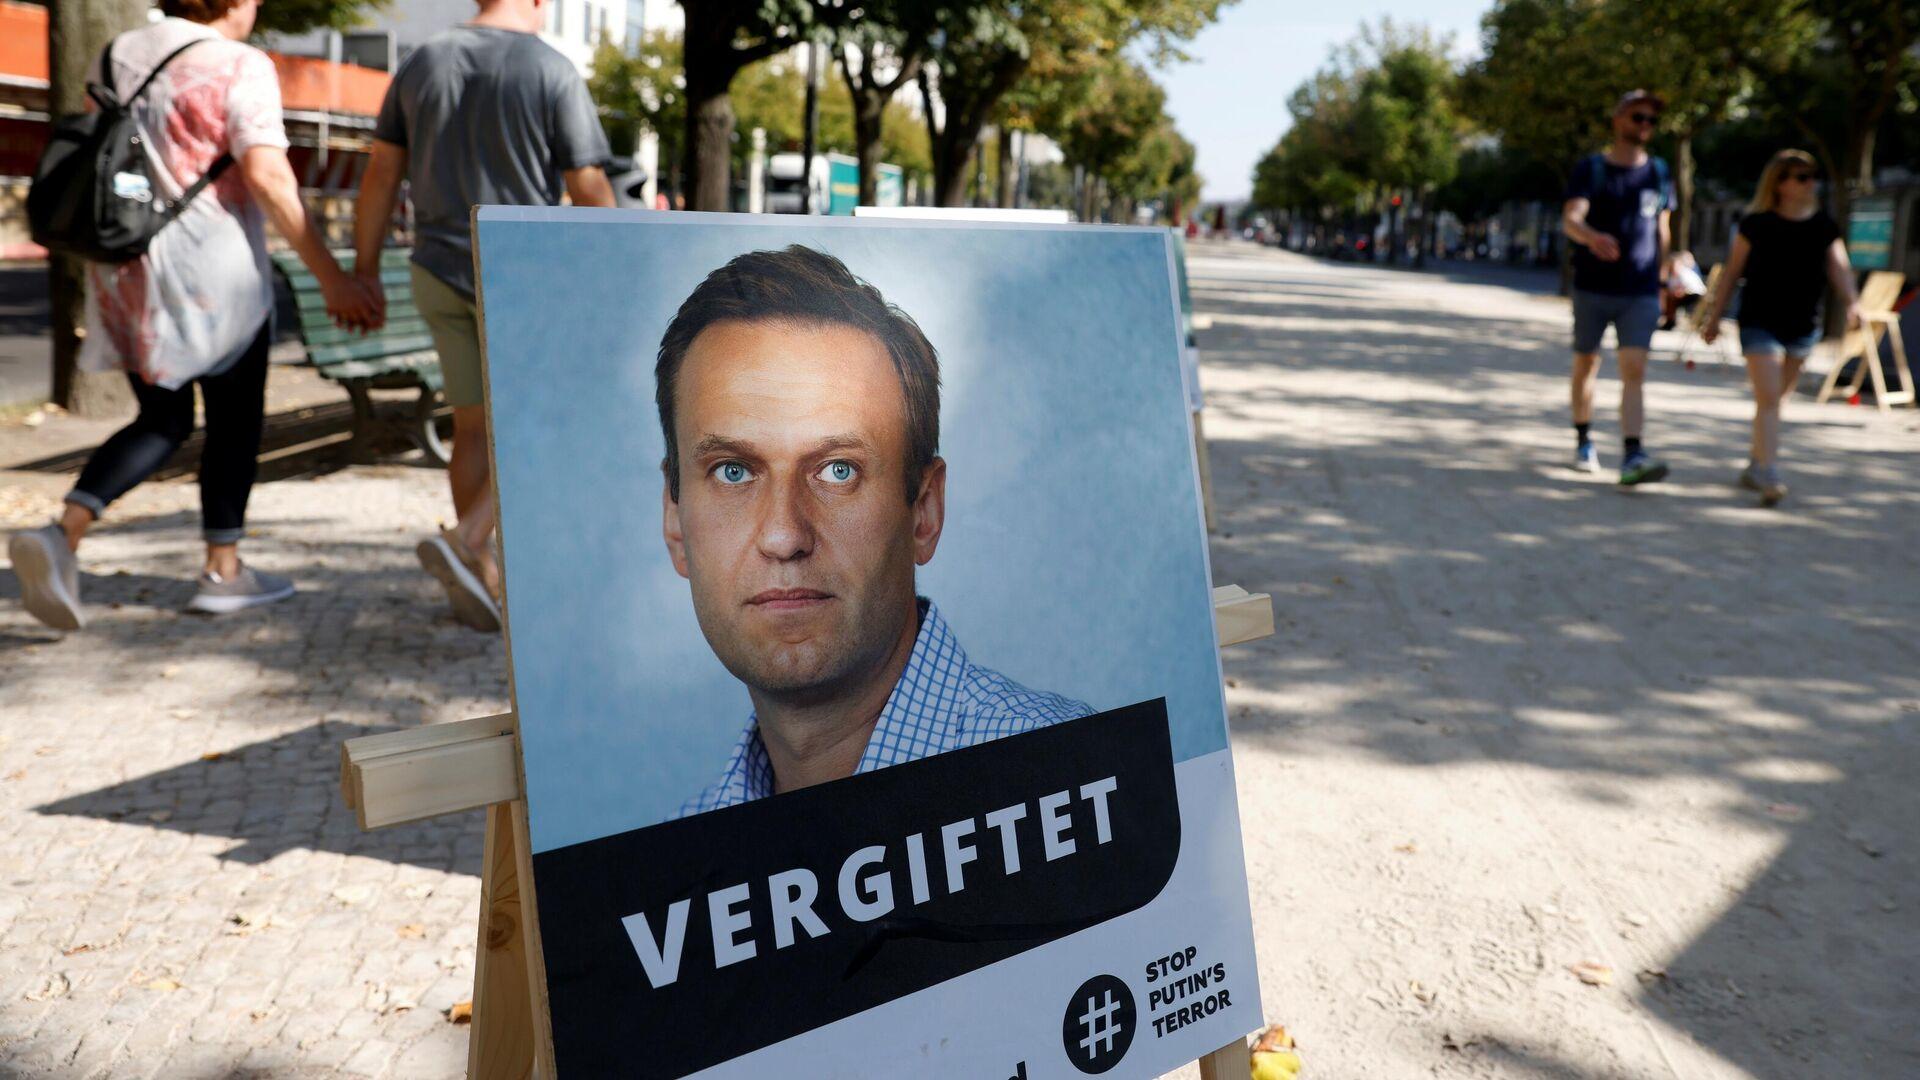 Портрет Алексея Навального с подписью отравлен у здания посольства Российской Федерации в Берлине - РИА Новости, 1920, 03.10.2020